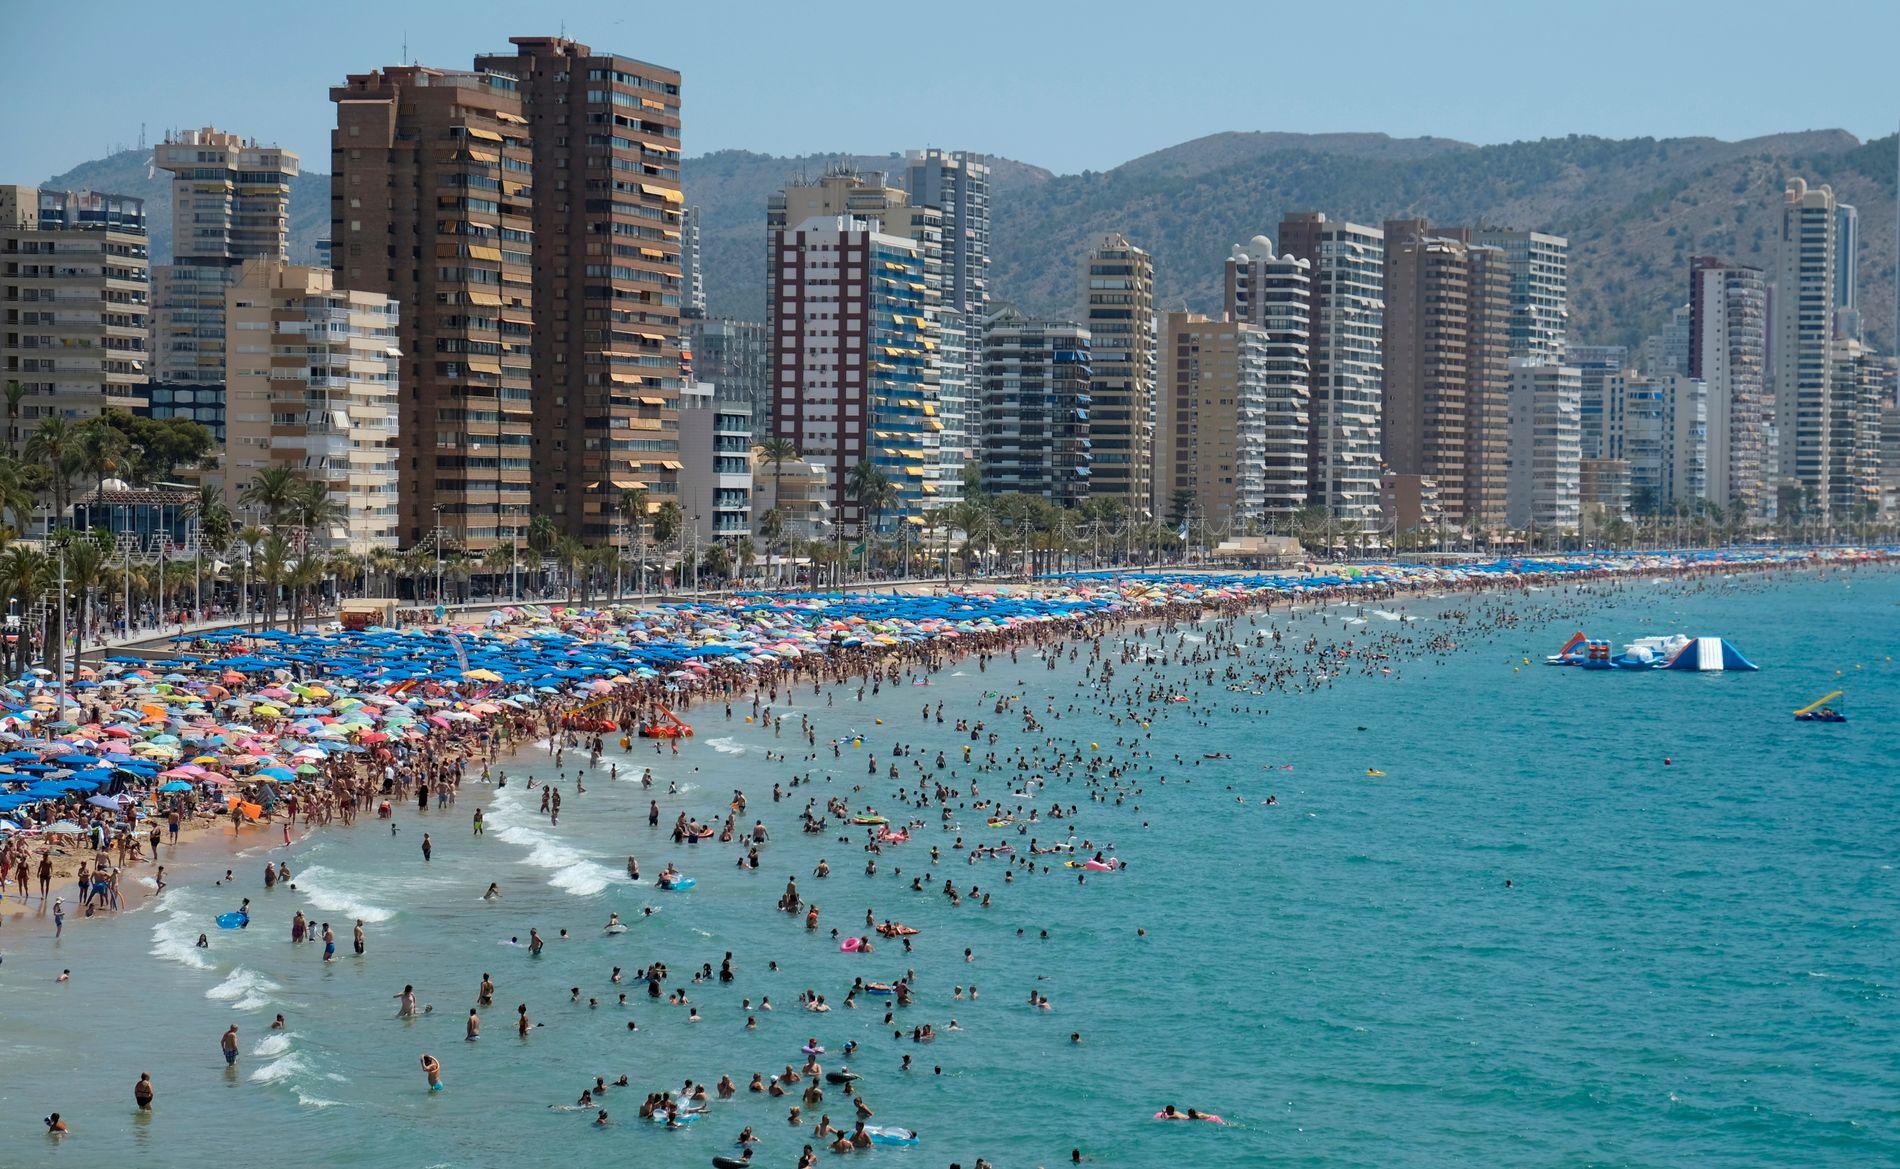 STAPPFULLE STRENDER: Flere brukte torsdagen til å kjøle seg ned på stranden i Benidorm i Spania. På tross av varmt vær også ved kysten er det i innlandet de virkelig høye temperaturene er ventet.